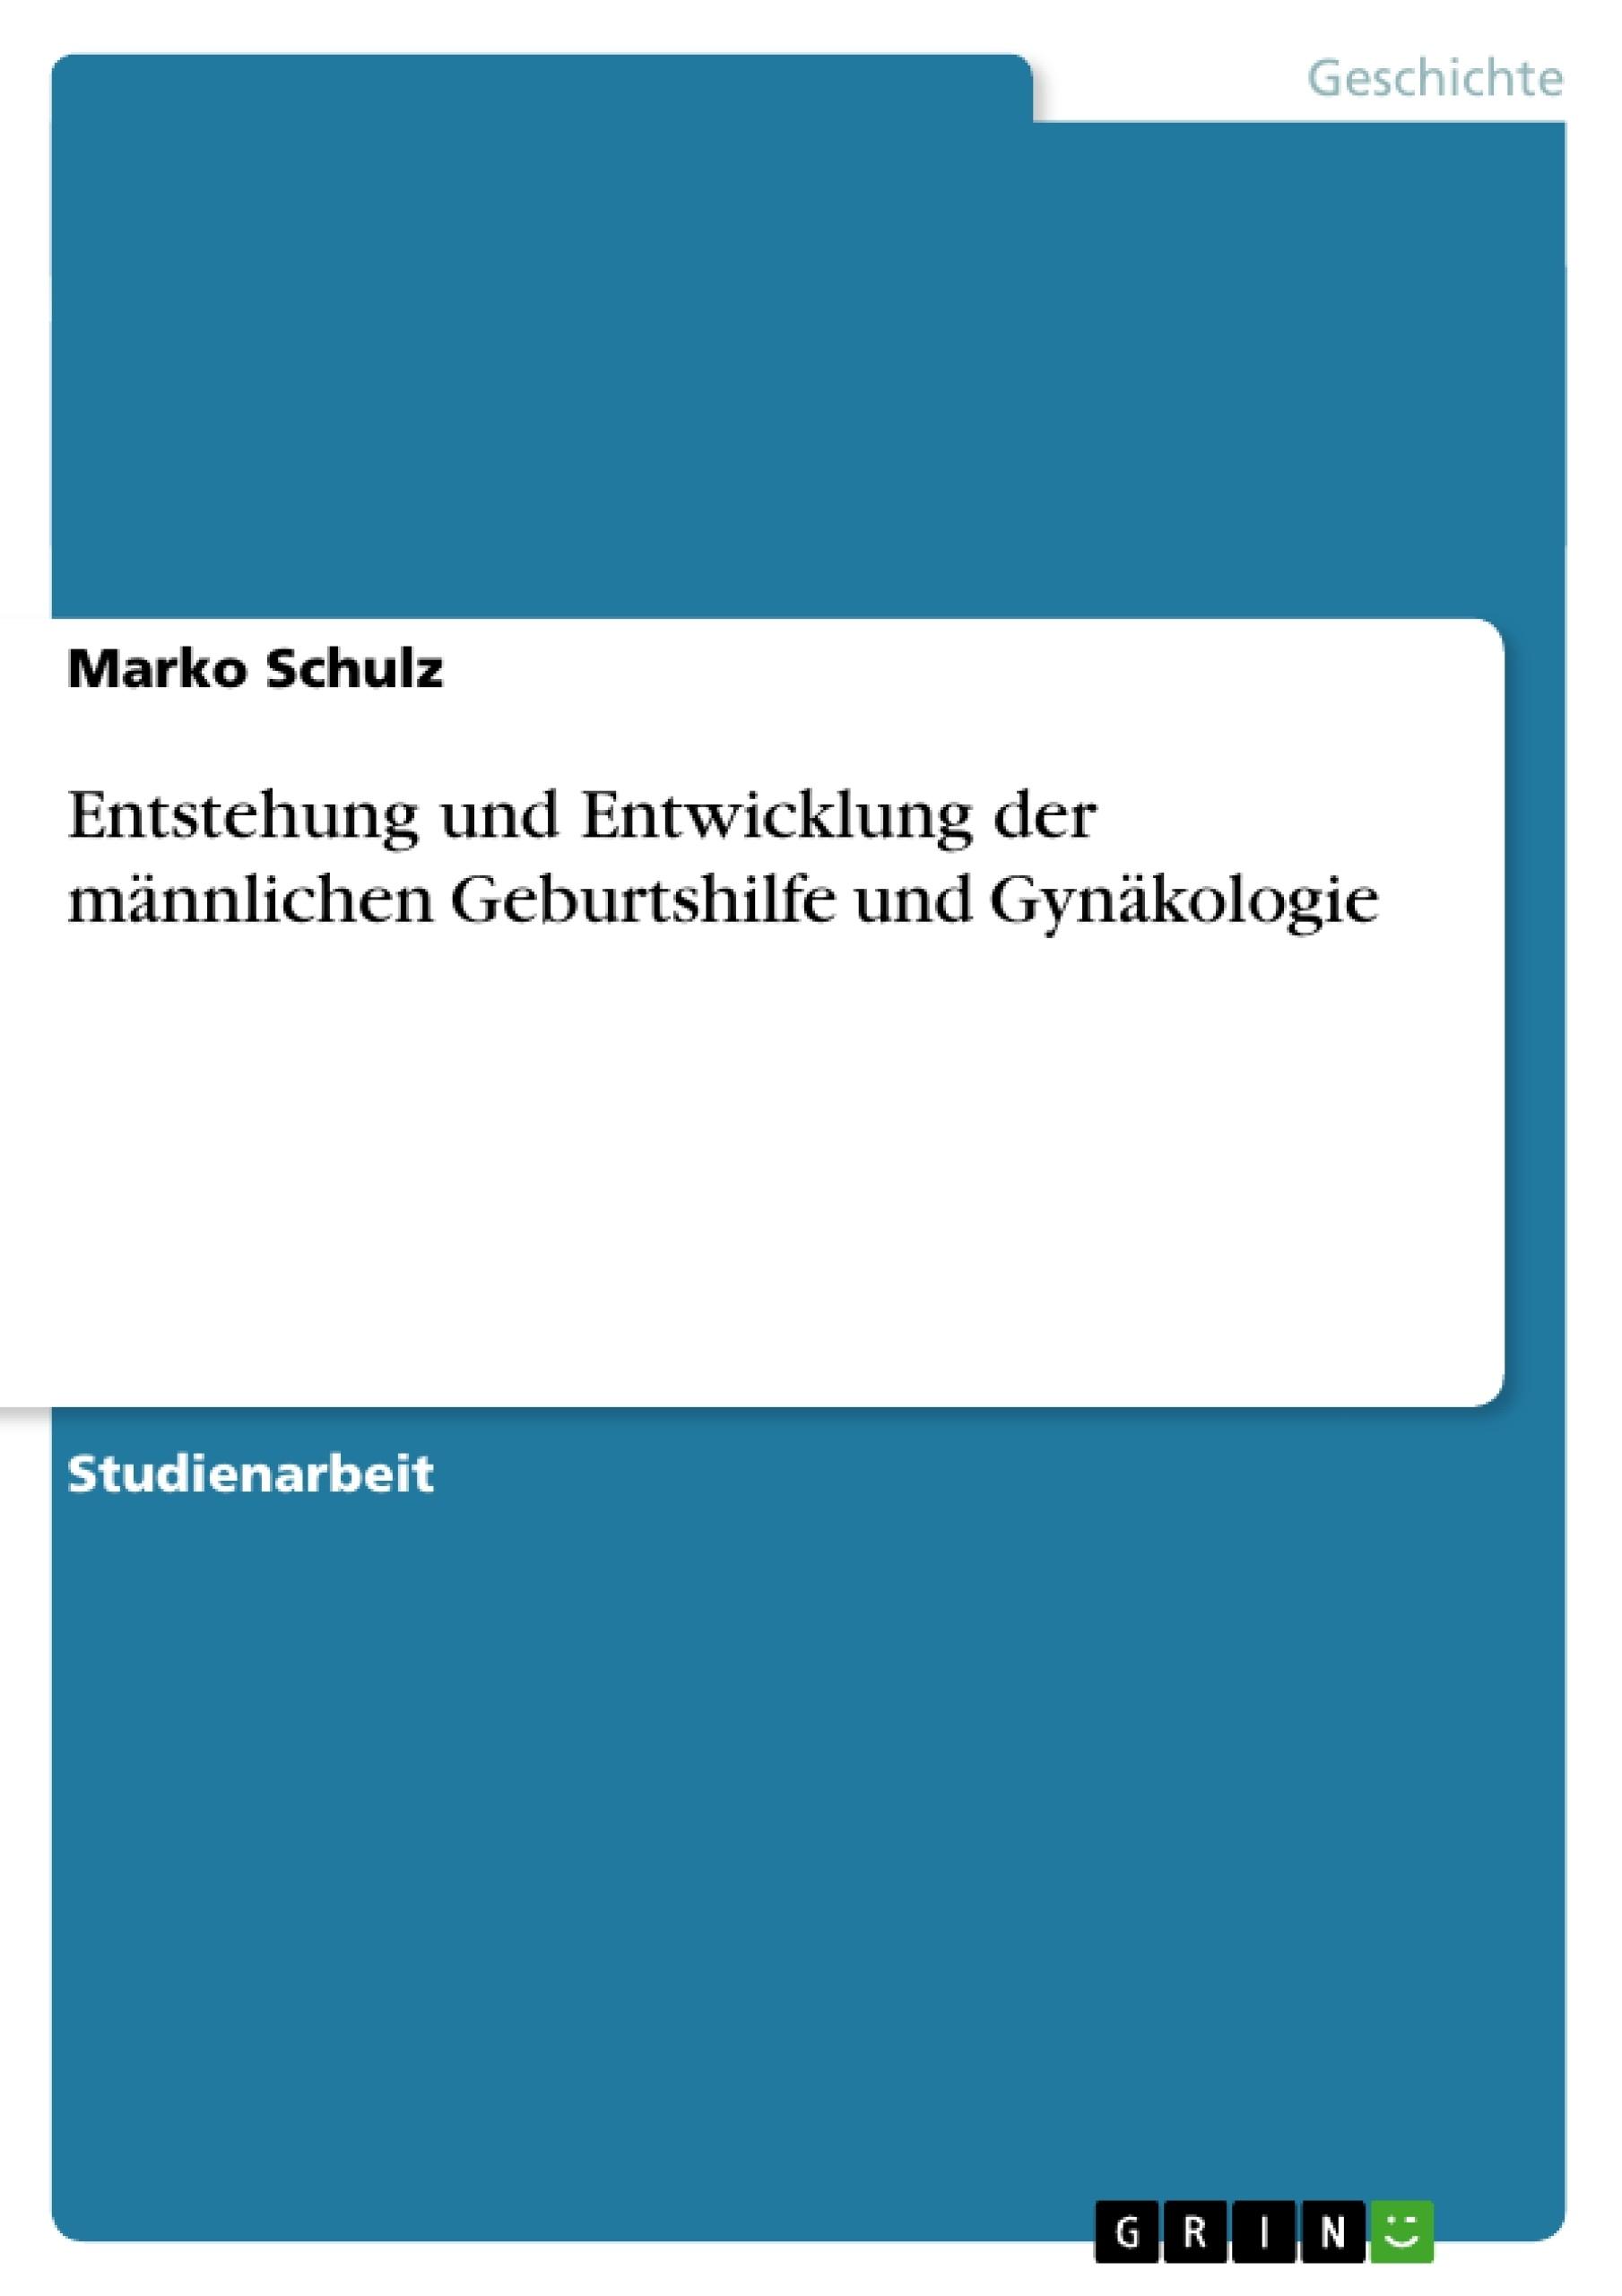 Titel: Entstehung und Entwicklung der männlichen Geburtshilfe und Gynäkologie